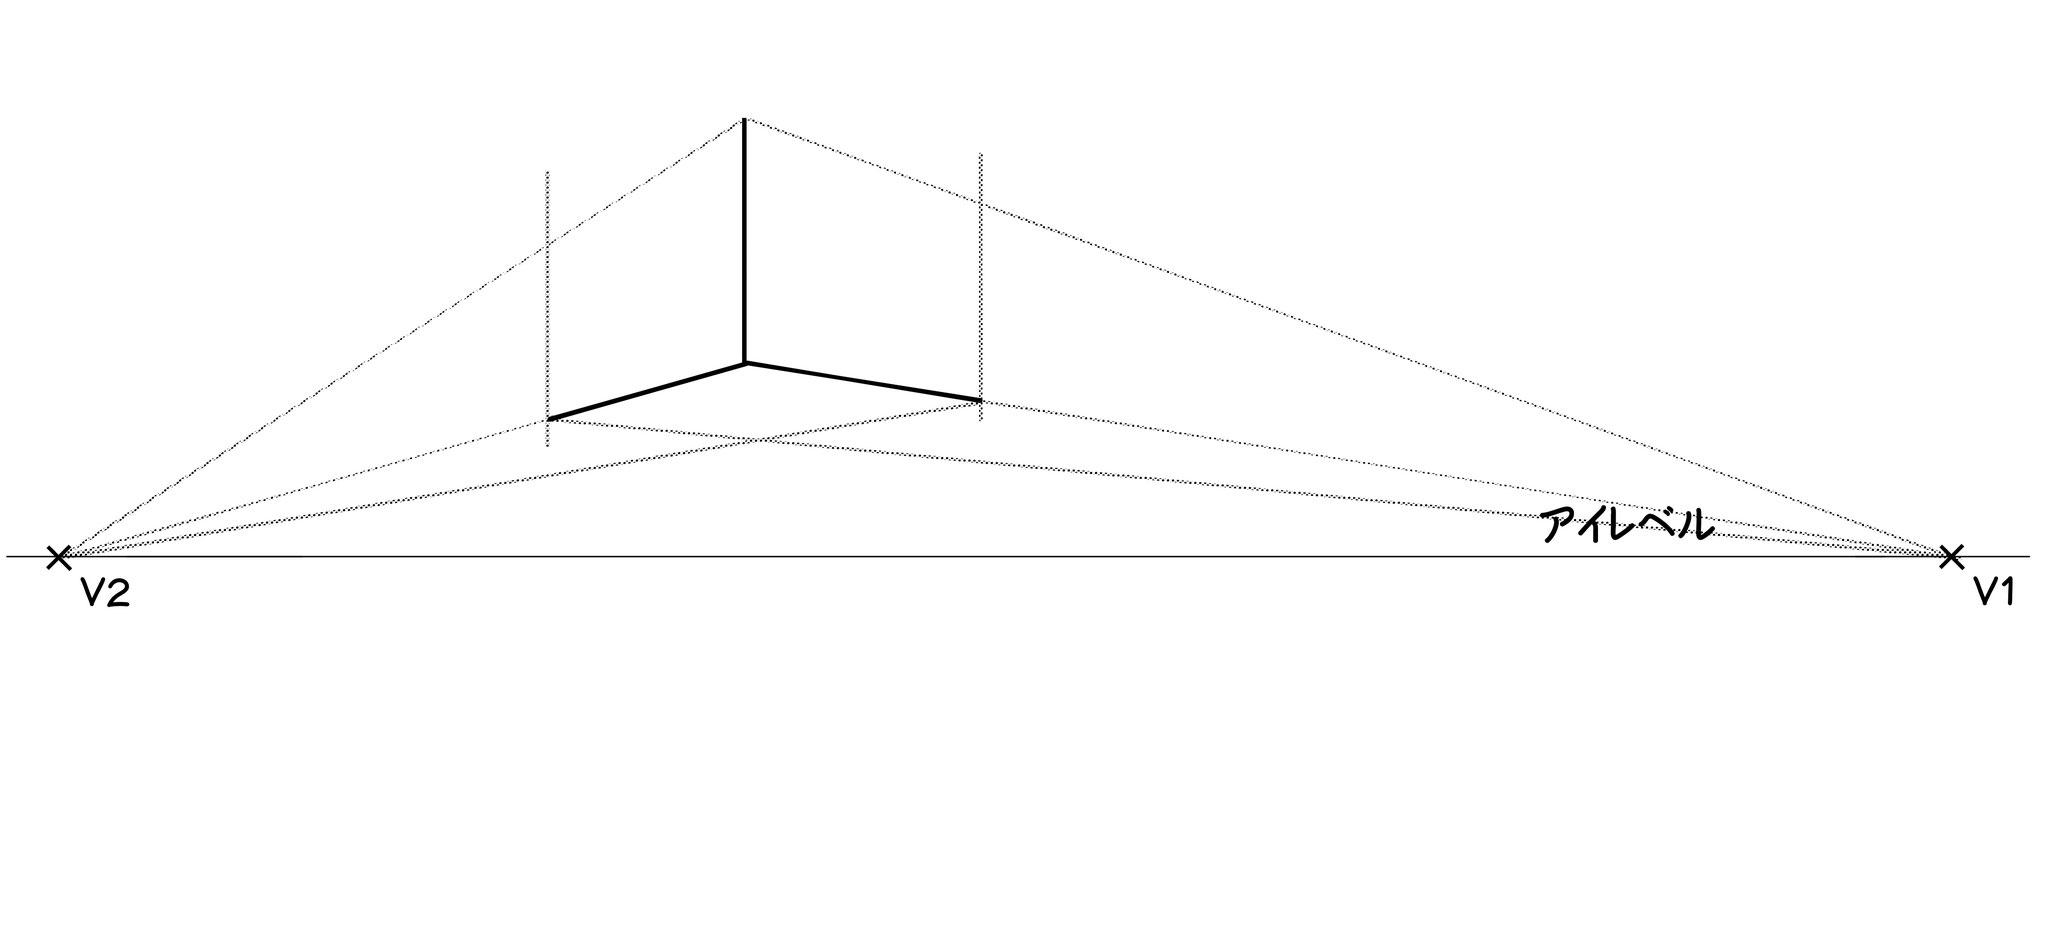 ⑤今描いた2つの辺の端から、縦方向はV1、横方向はV2、高さ方向は垂直に向かって補助線を引きます。